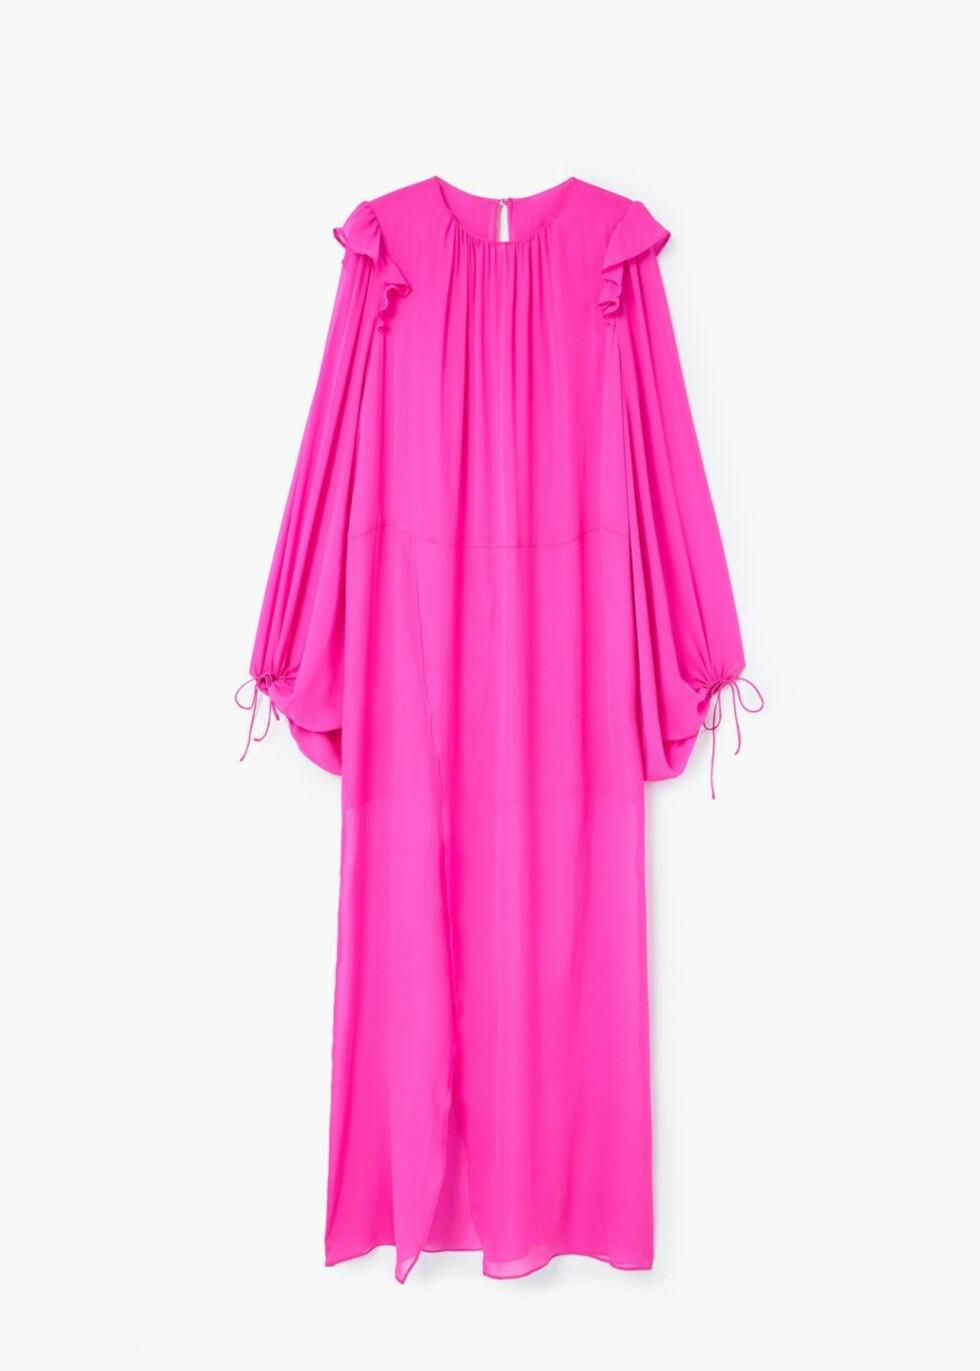 <strong>Kjole fra Mango | kr 1999 | http:</strong>//shop.mango.com/NO/p1/damer/kl%C3%A6r/kjoler/lang/kjole-i-100--silke?id=81045605_88&n=1&s=prendas.vestidos&ts=1497882594270